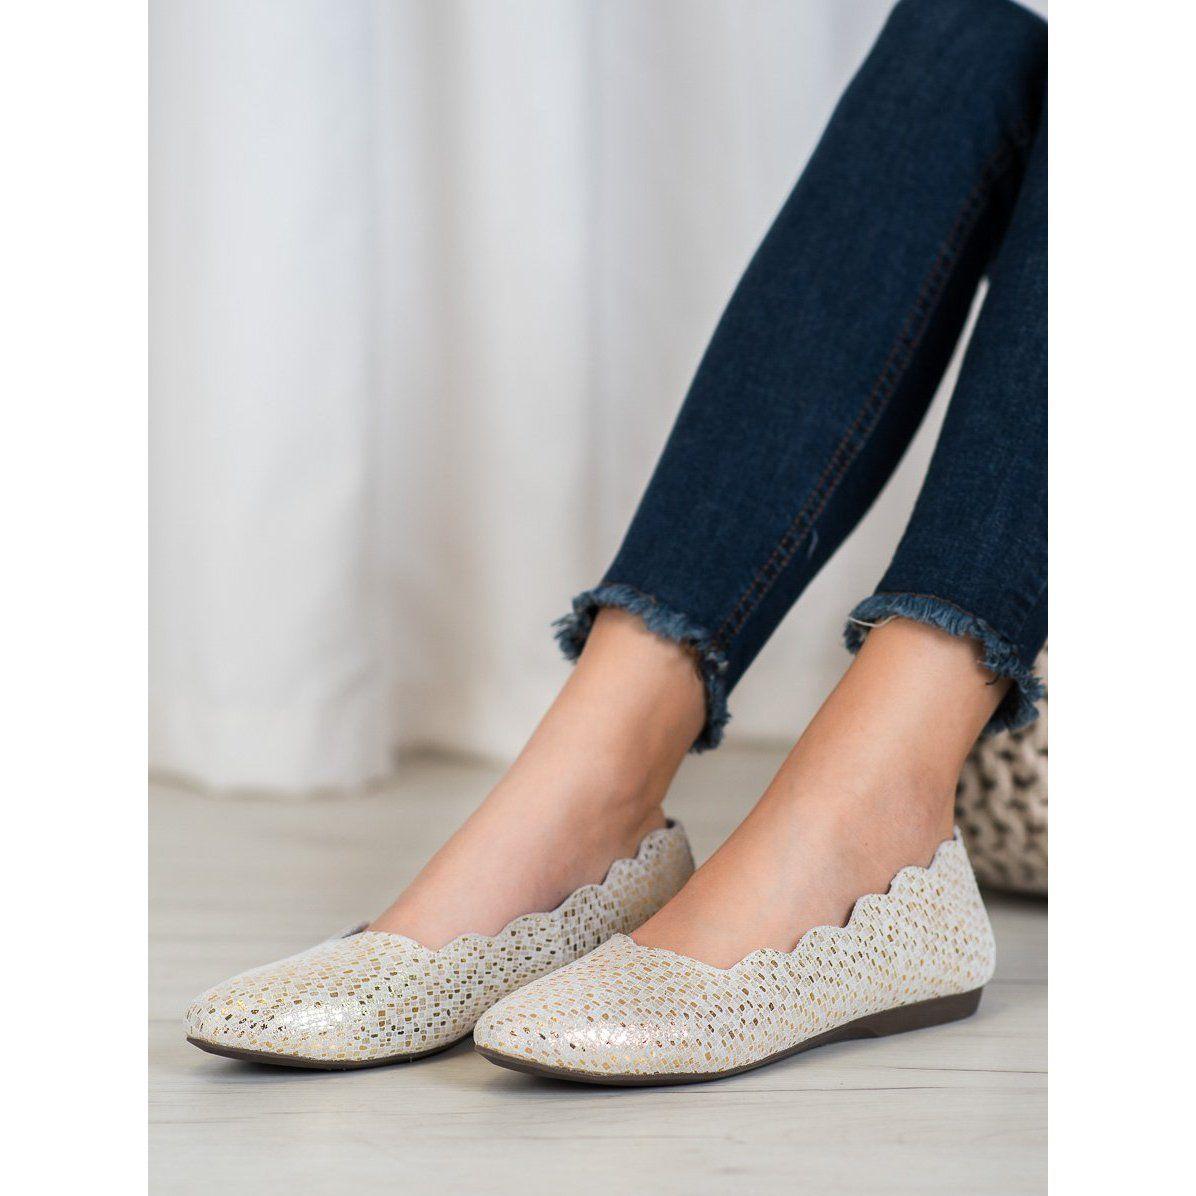 Filippo Modne Skorzane Baleriny Zloty Flat Espadrille Espadrilles Shoes